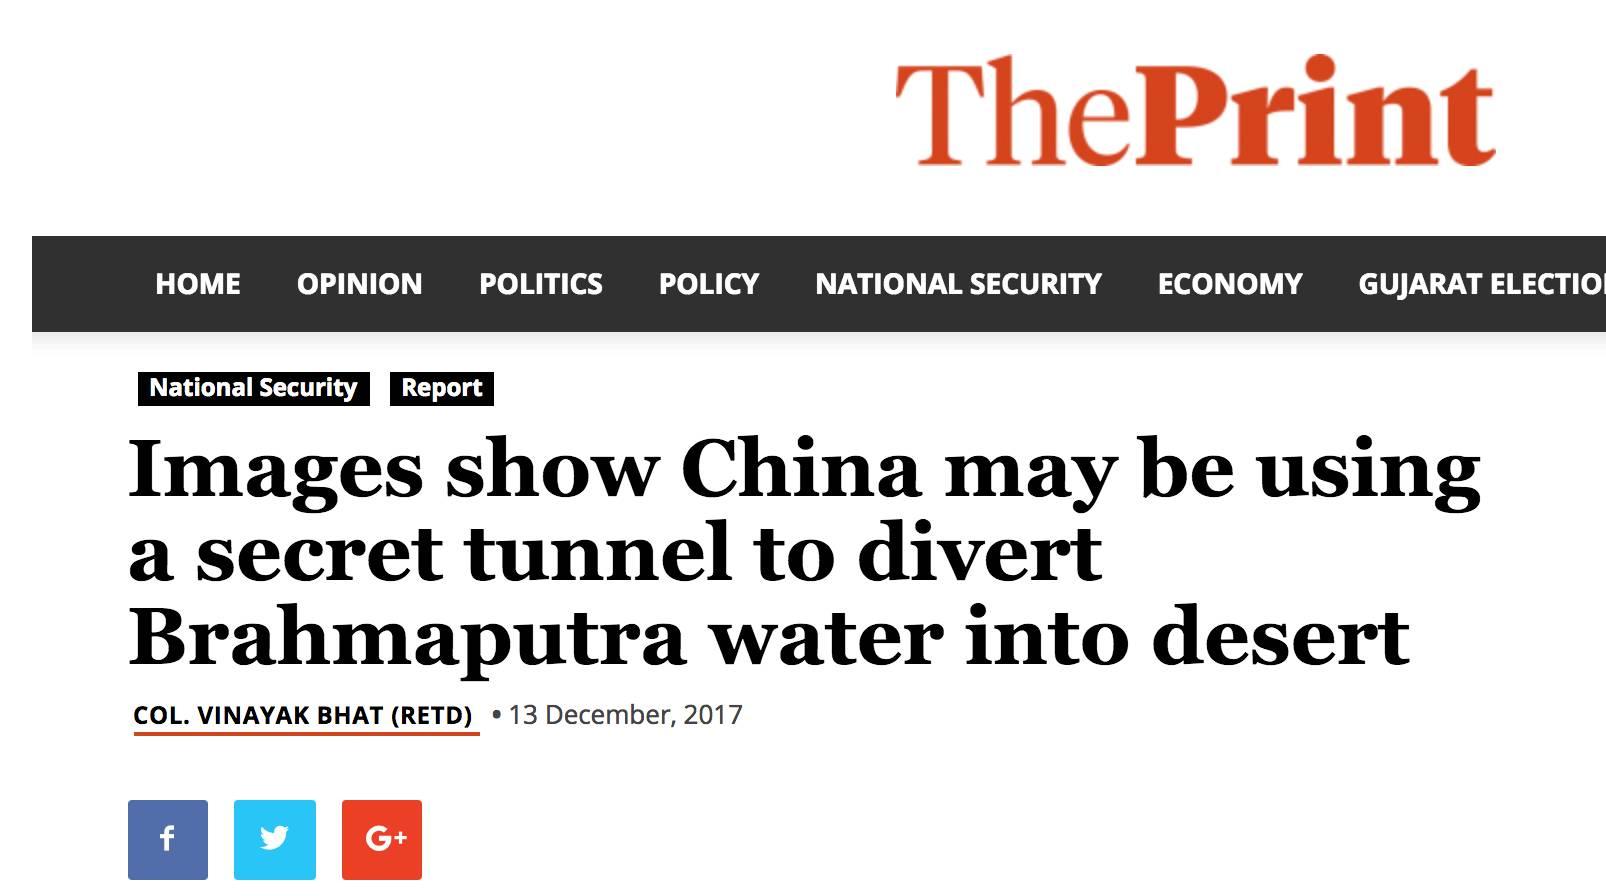 印度媒体ThePrint报道截图